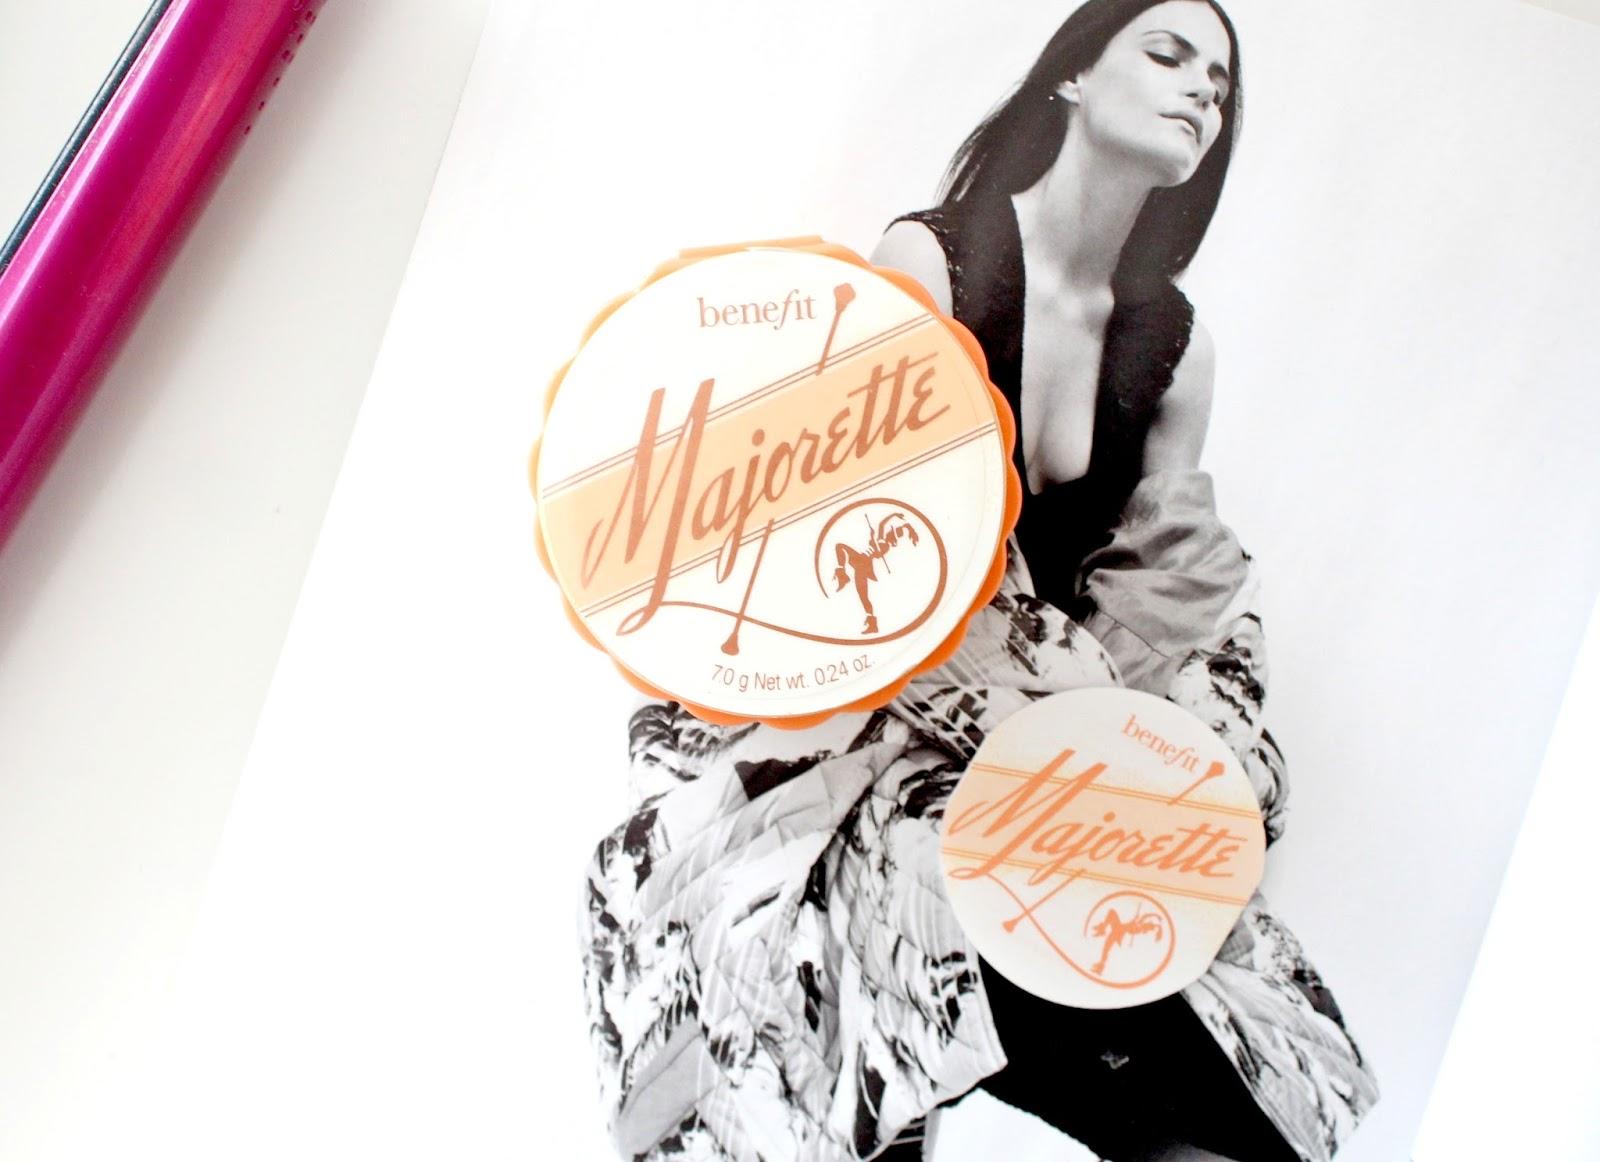 Benefit Majorette Review, Benefit Majorette Blush Booster, Benefit New Release, Benefit Majorette Cream Blush Review, Benefit Cream Blush